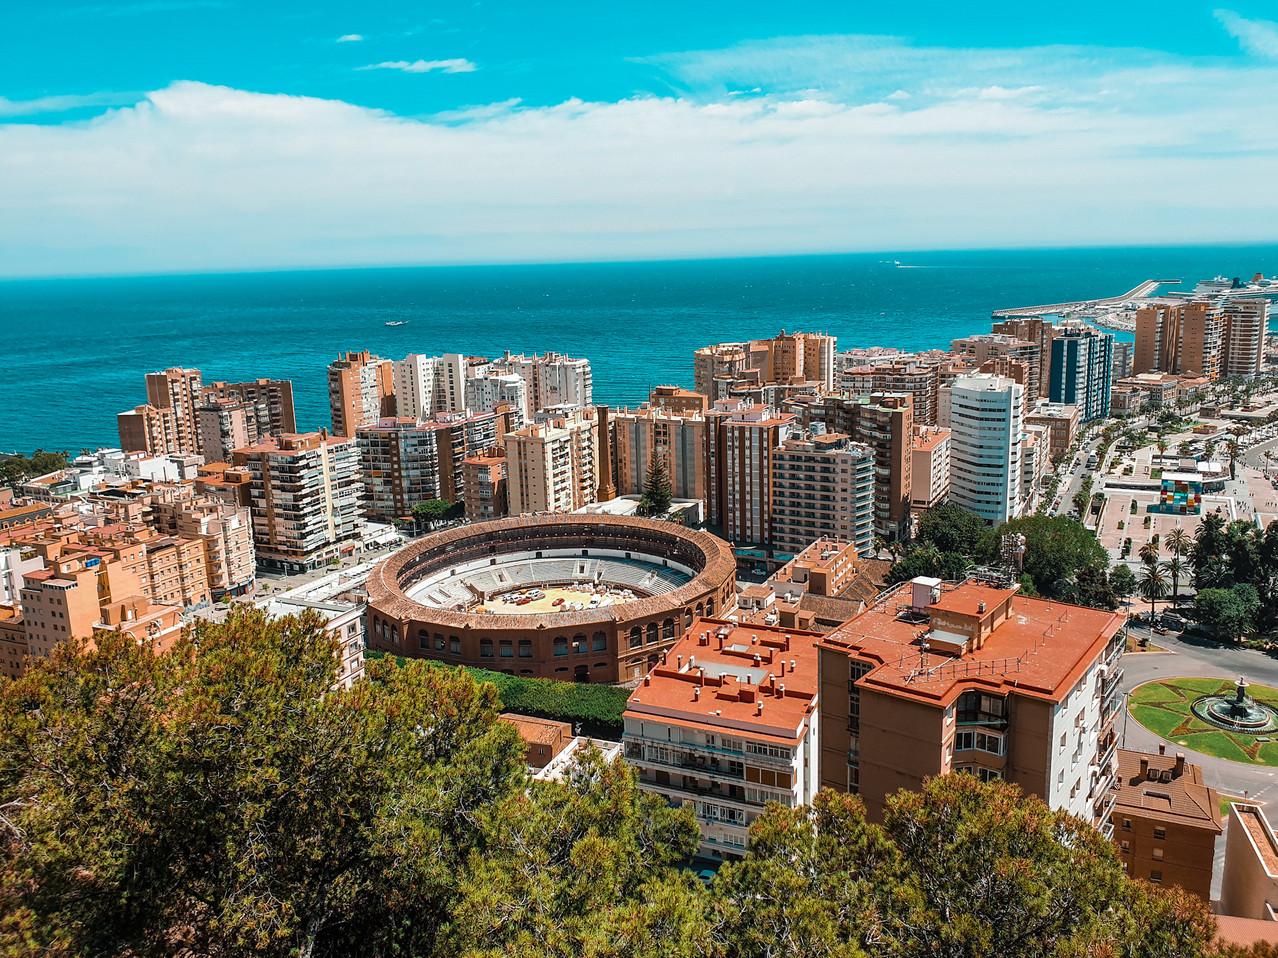 Gibralfaro Malaga View over Placa de Toro Olivia Libi